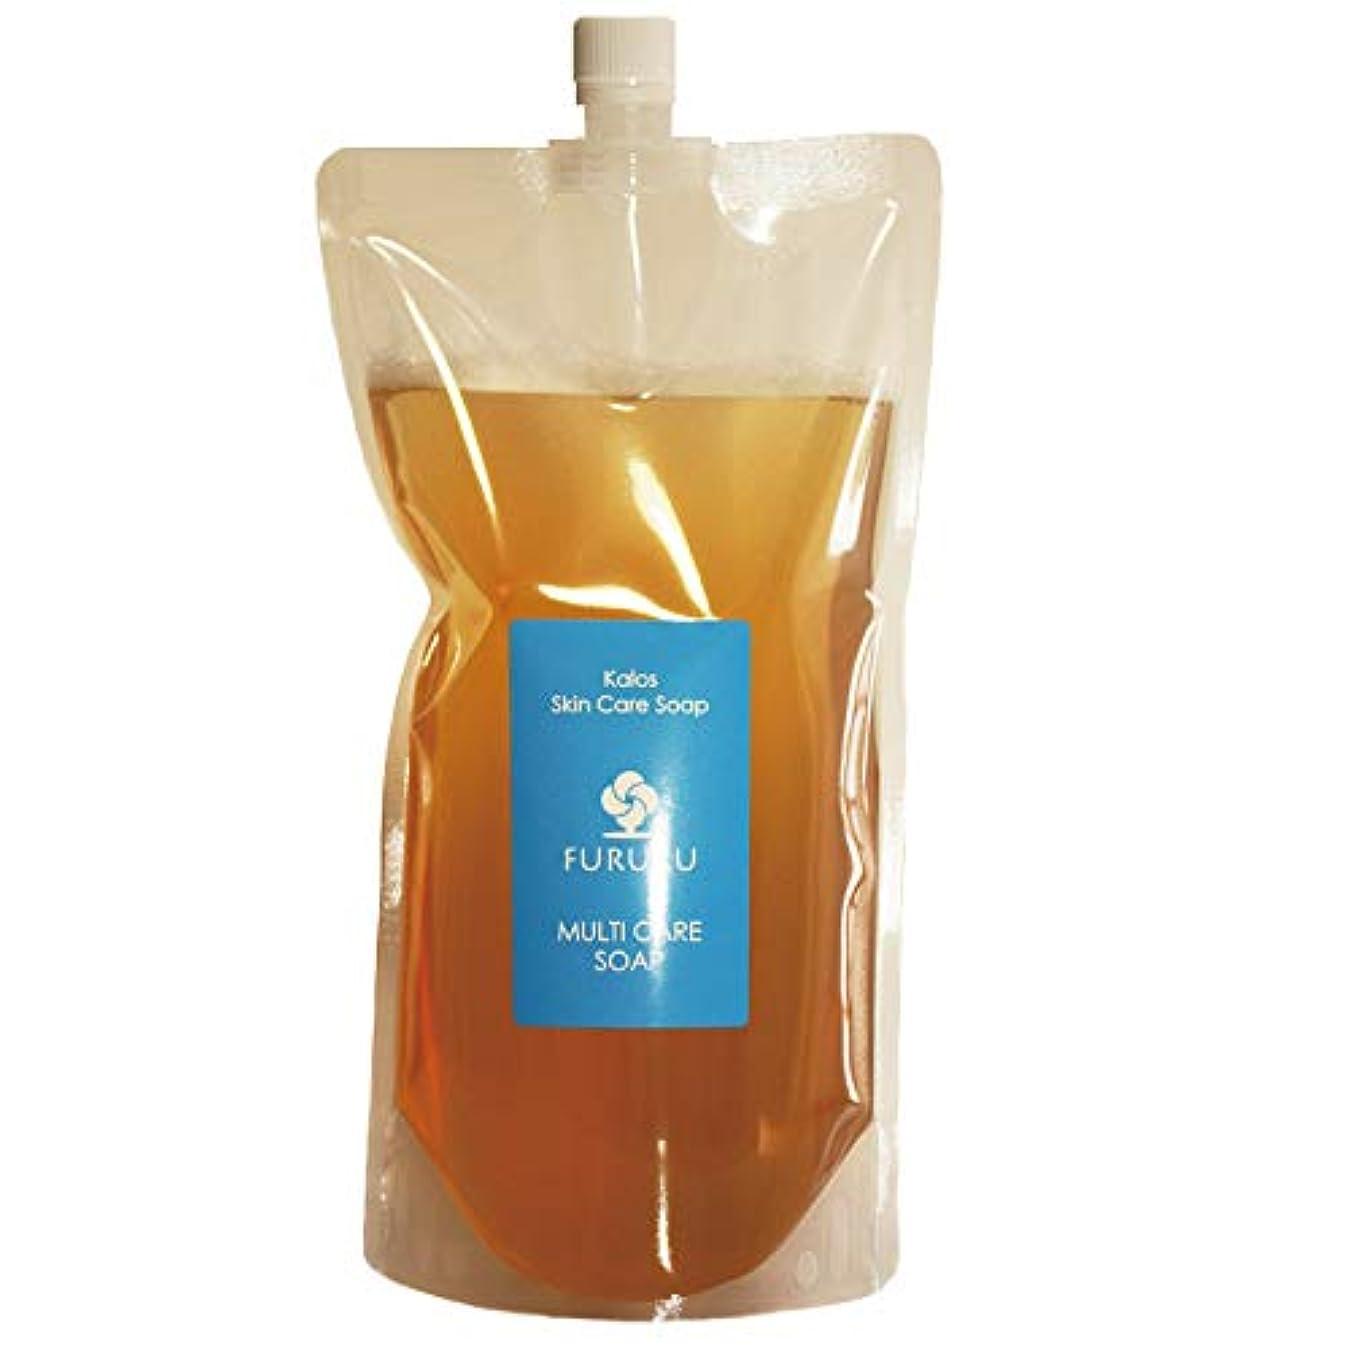 インチカーテン混合したフルボ酸 FURURU ボタニカル シャンプー 詰替え用 (1000ml)